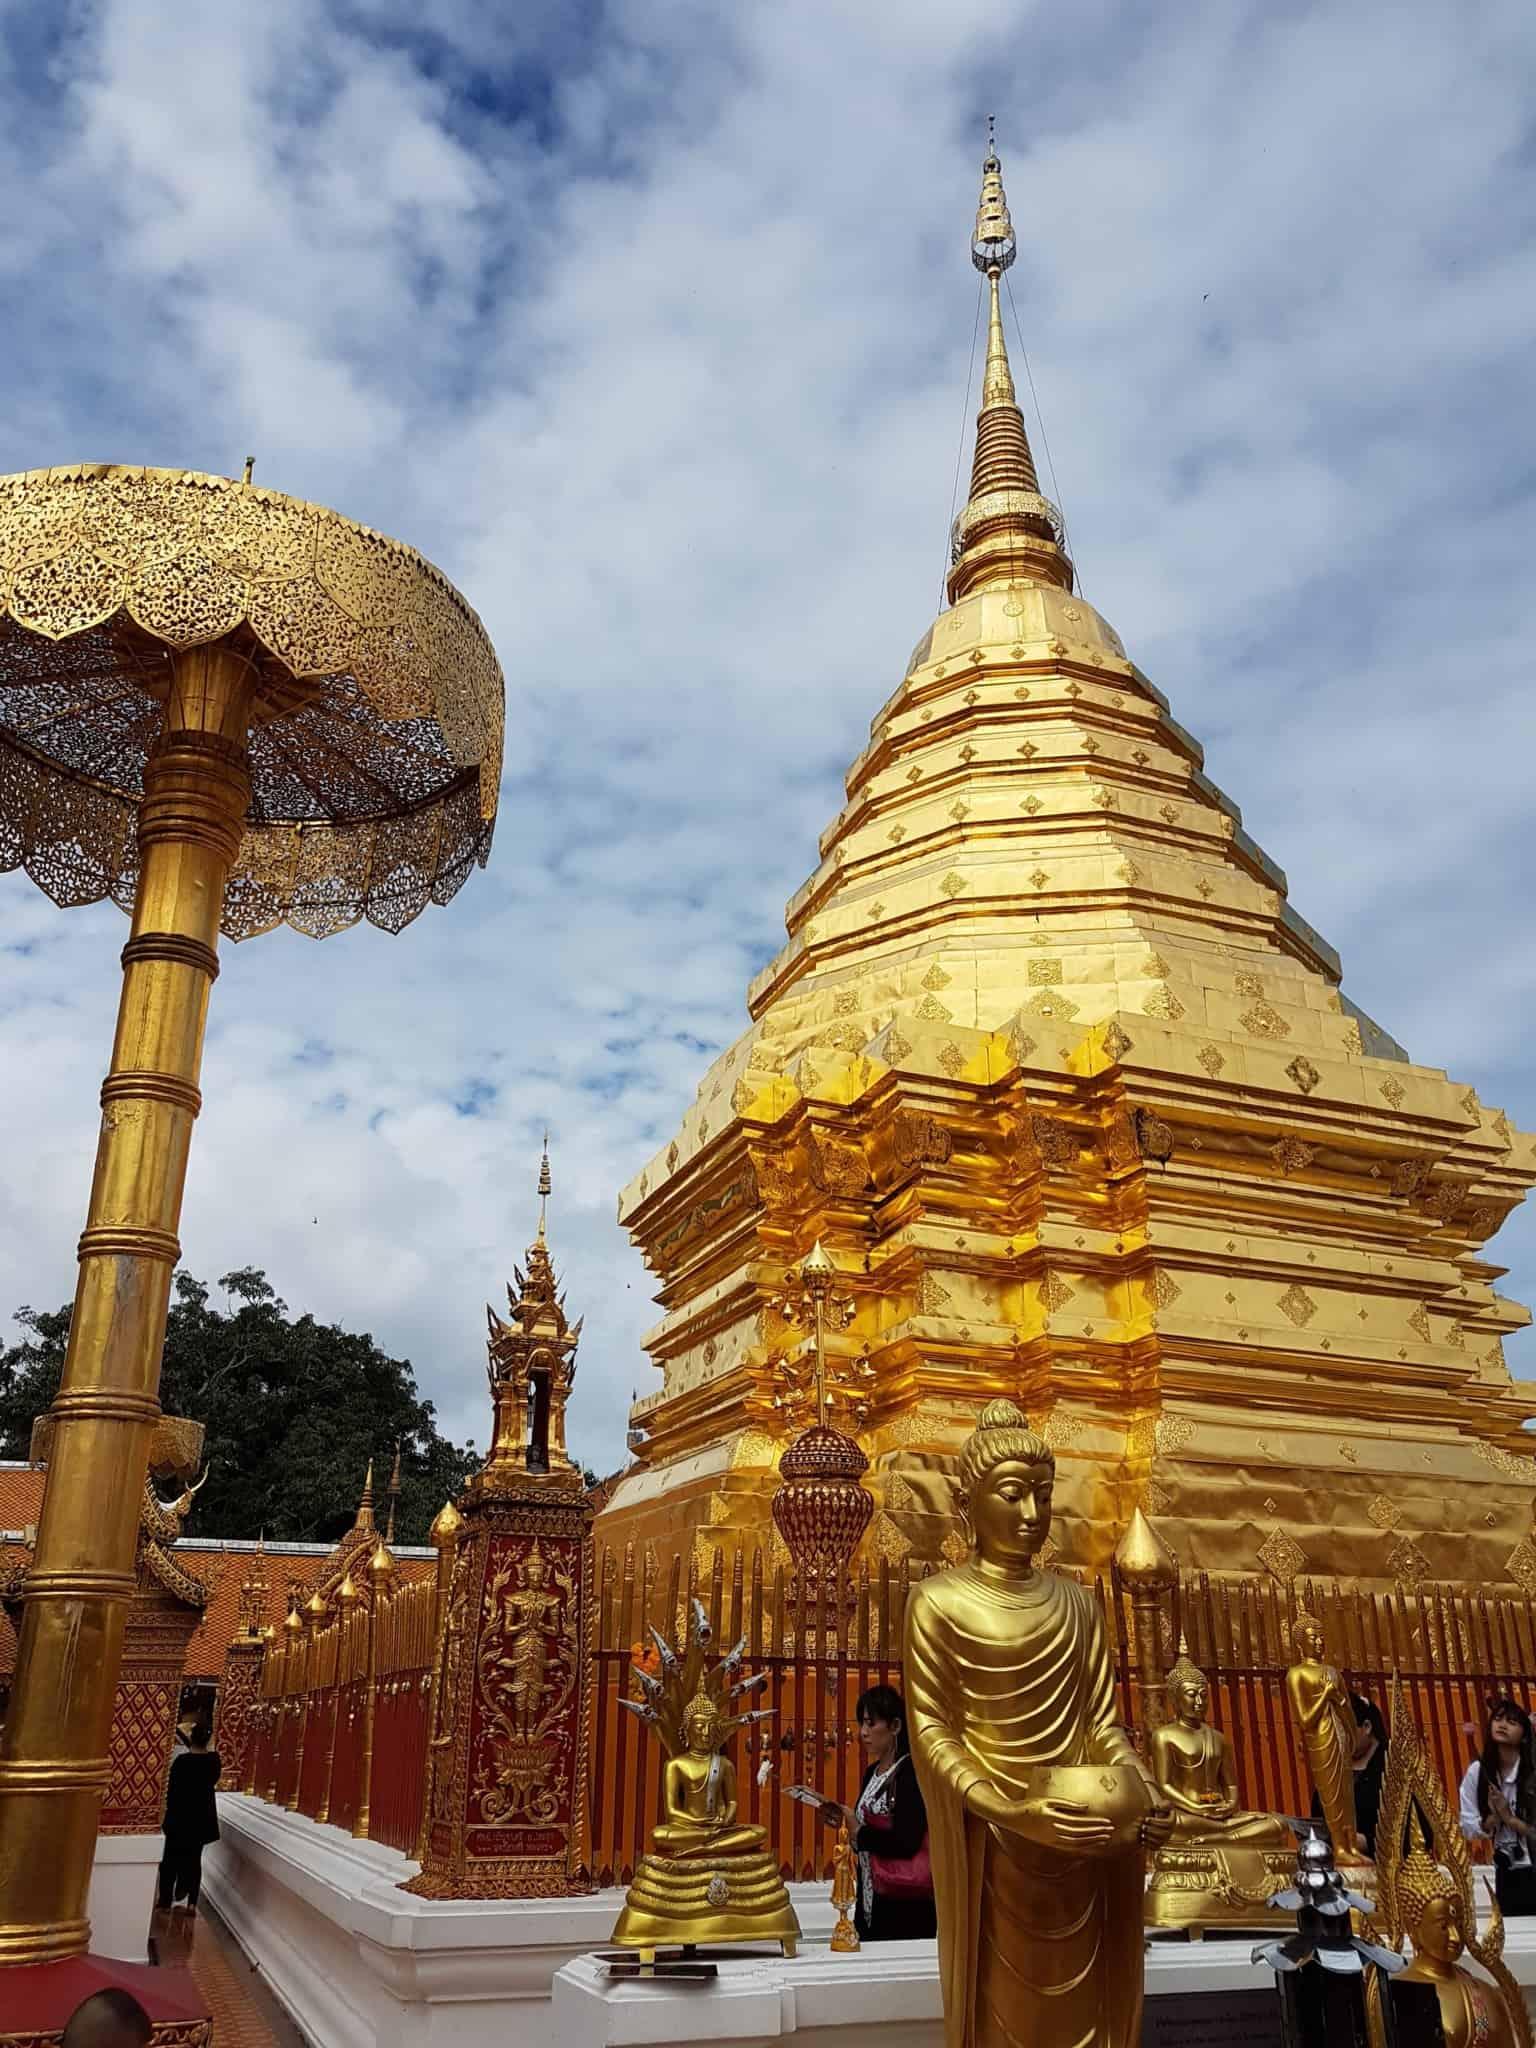 Thaïlande, découverte du magnifique temple de Doi Suthep 🛕 5